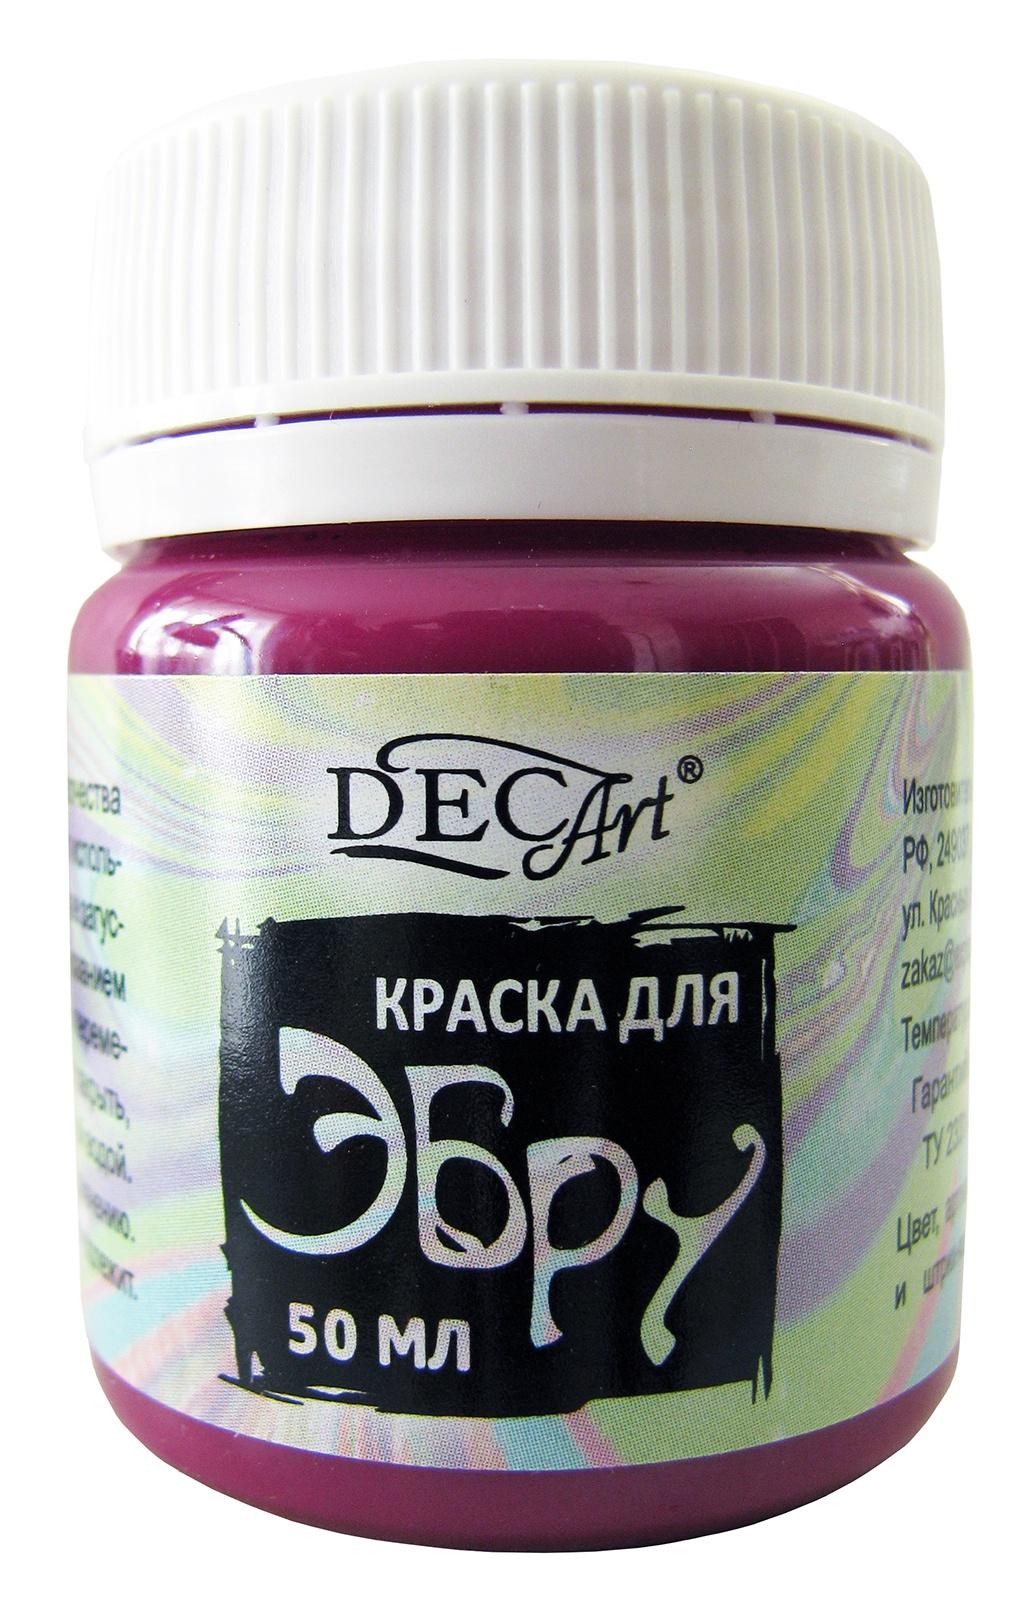 Краска для декорирования DecArt 911-65-50-204